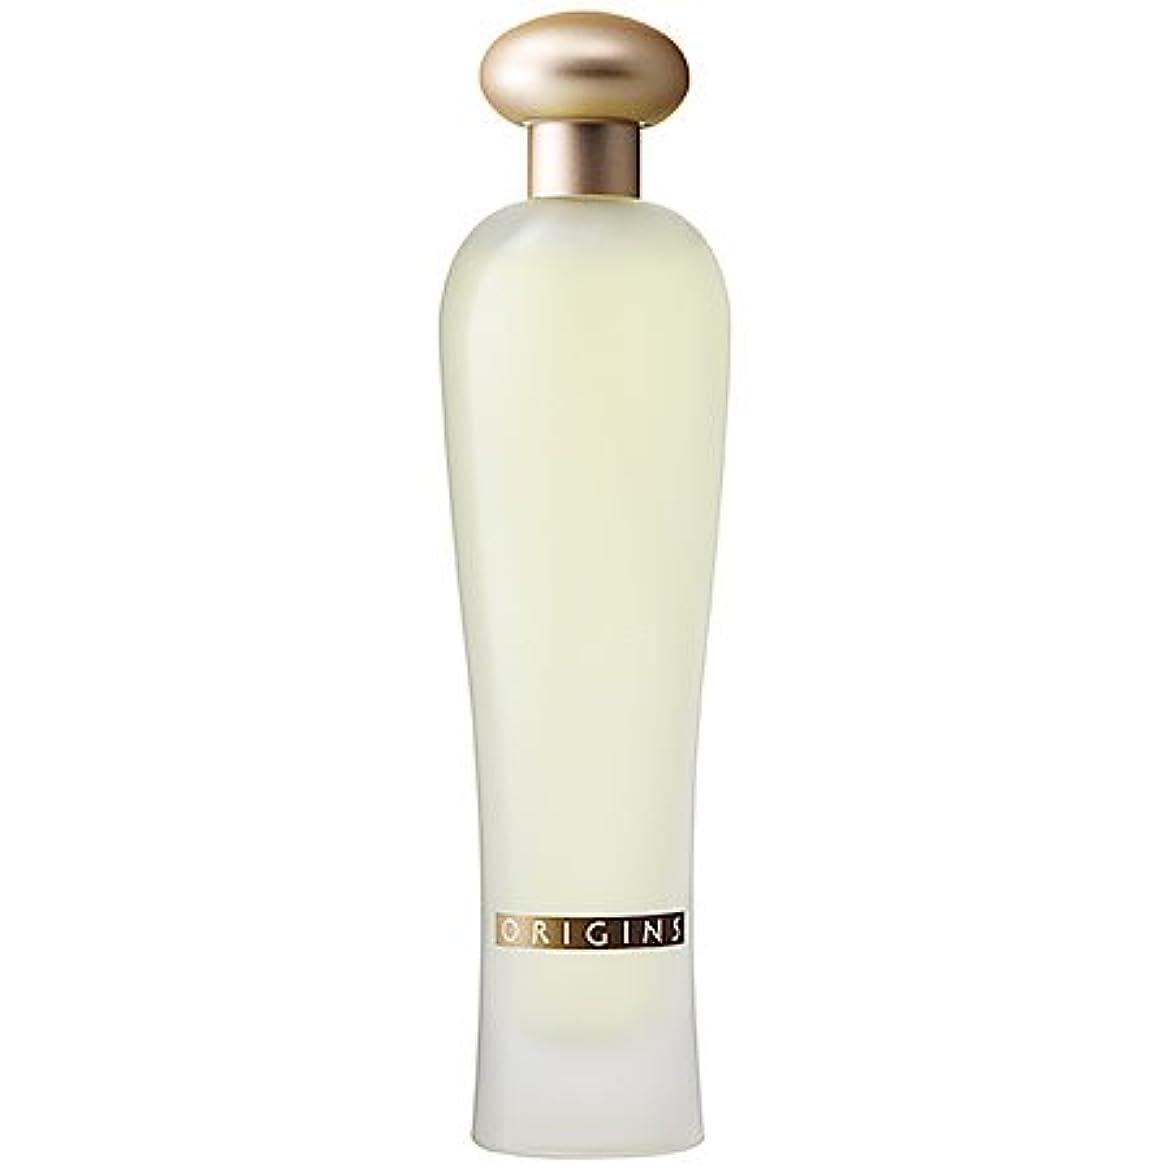 超高層ビル旋回ディーラーOrigins Ginger Essence Sensuous Skin Scent (オリジンズ ジンジャー エッセンス スキン セント) 3.4 oz (100ml) Spray for Women